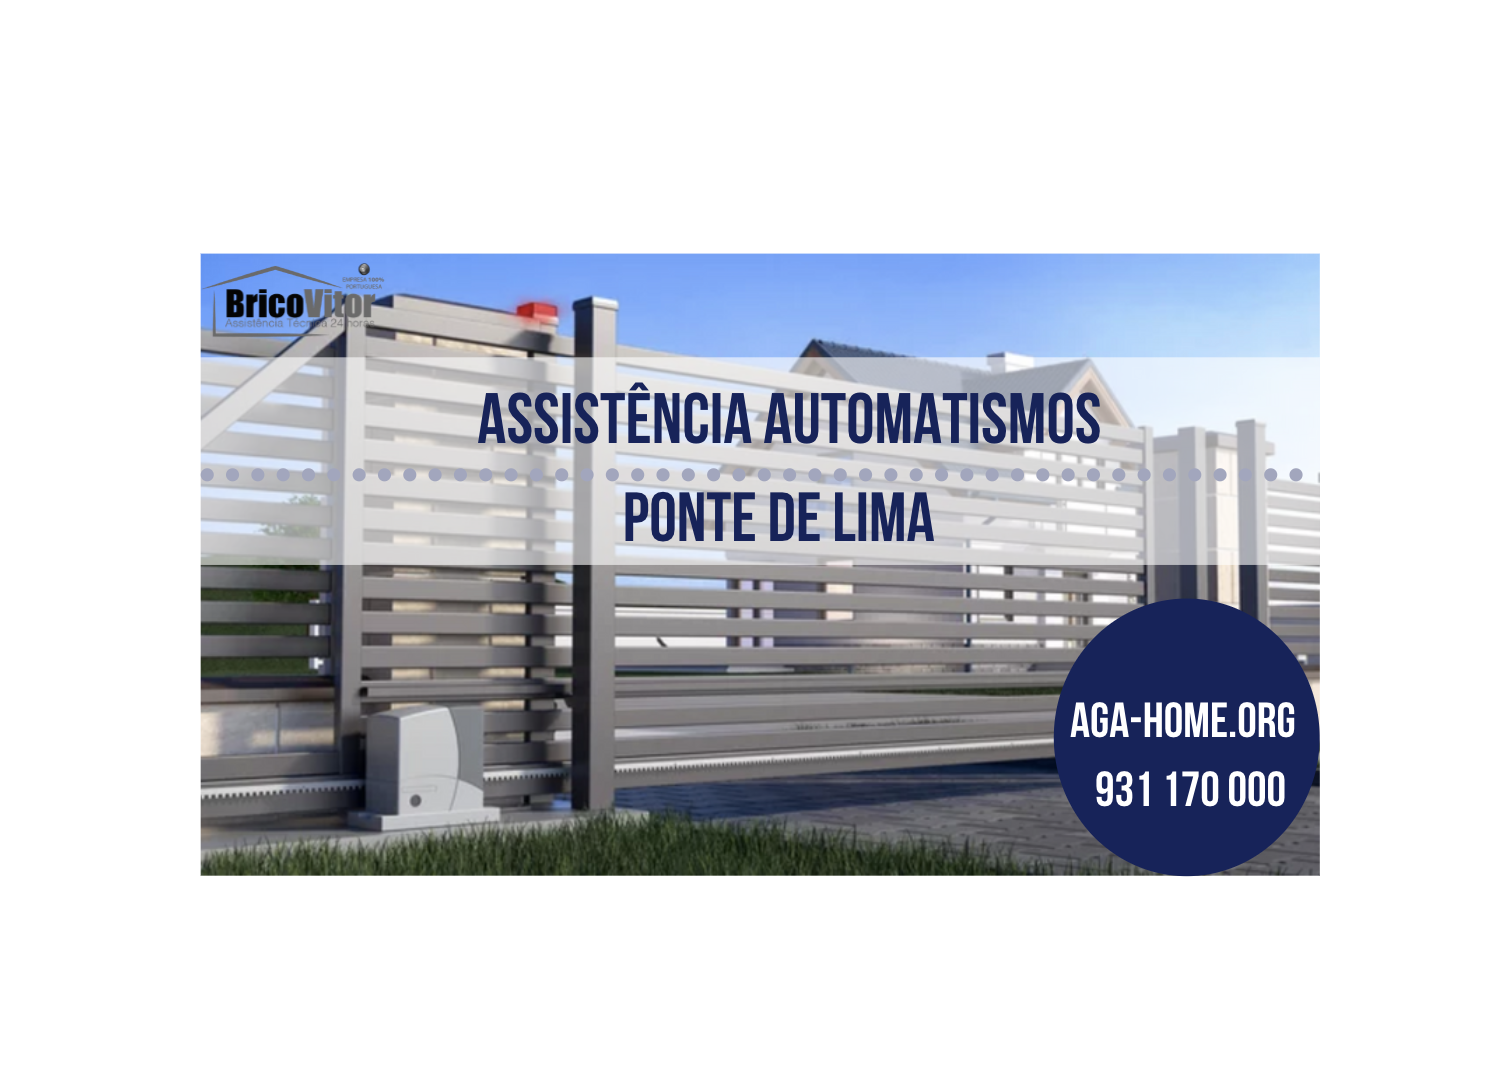 Assistência Automatismos Ponte de Lima